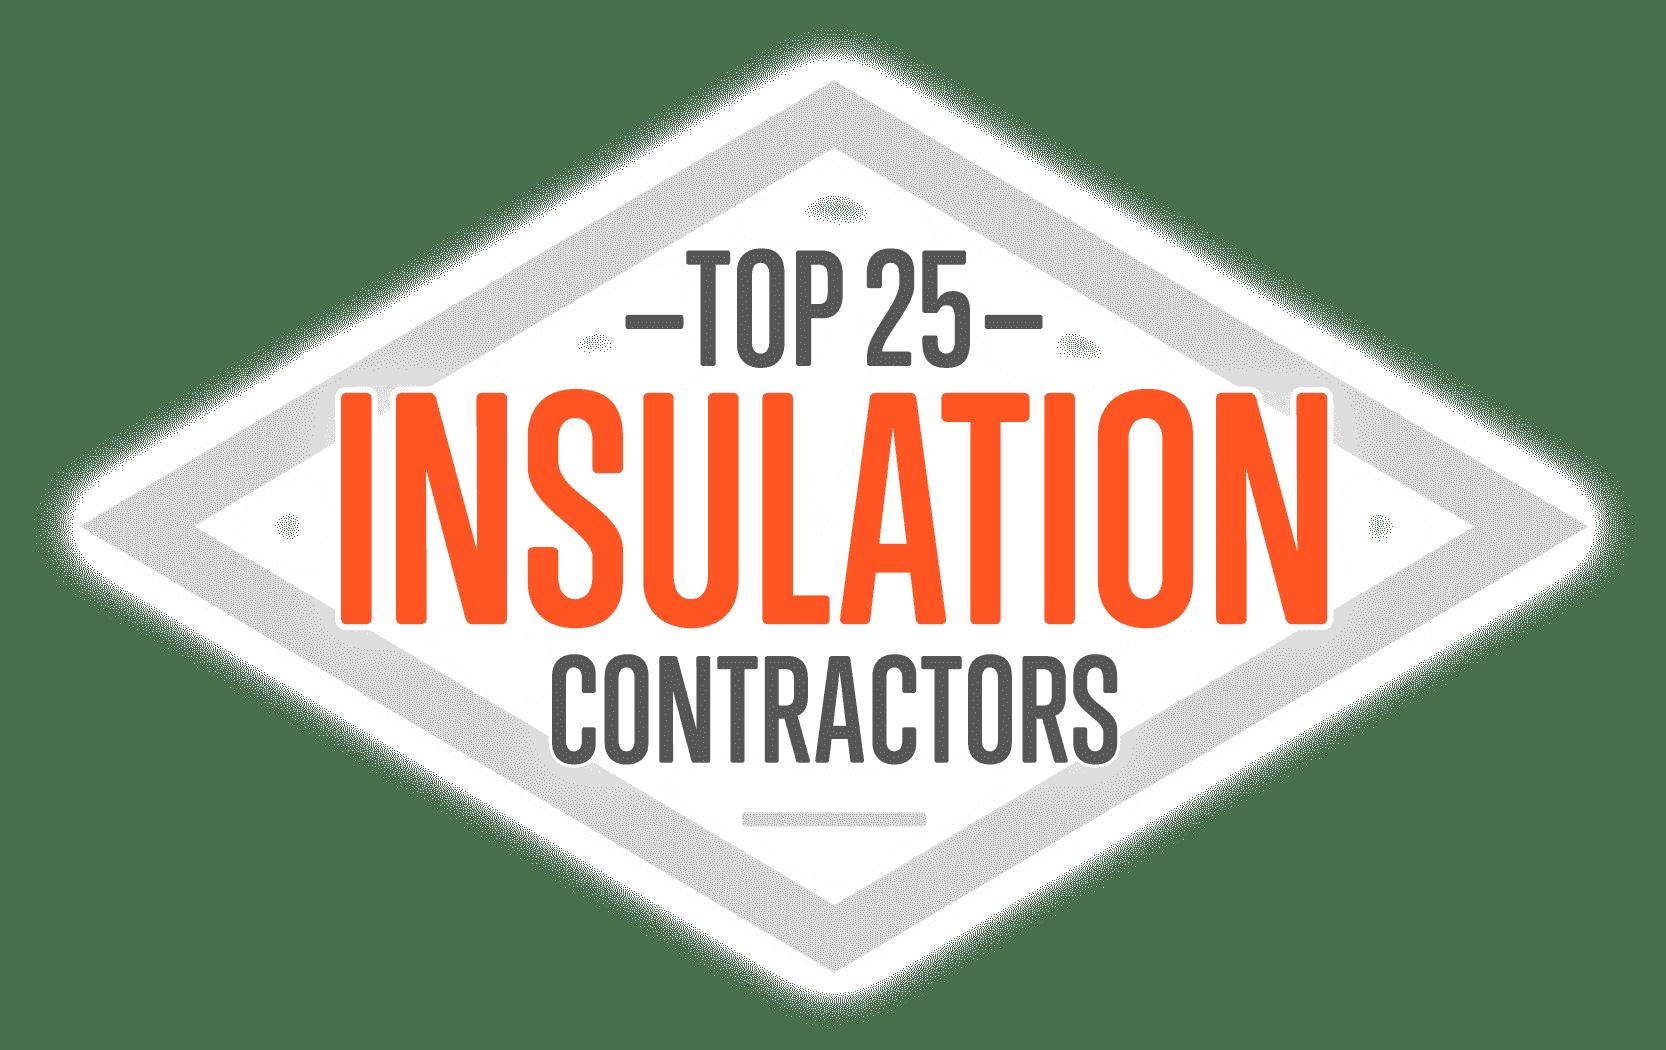 Top 25 WC Top 25 Insulation Contractors